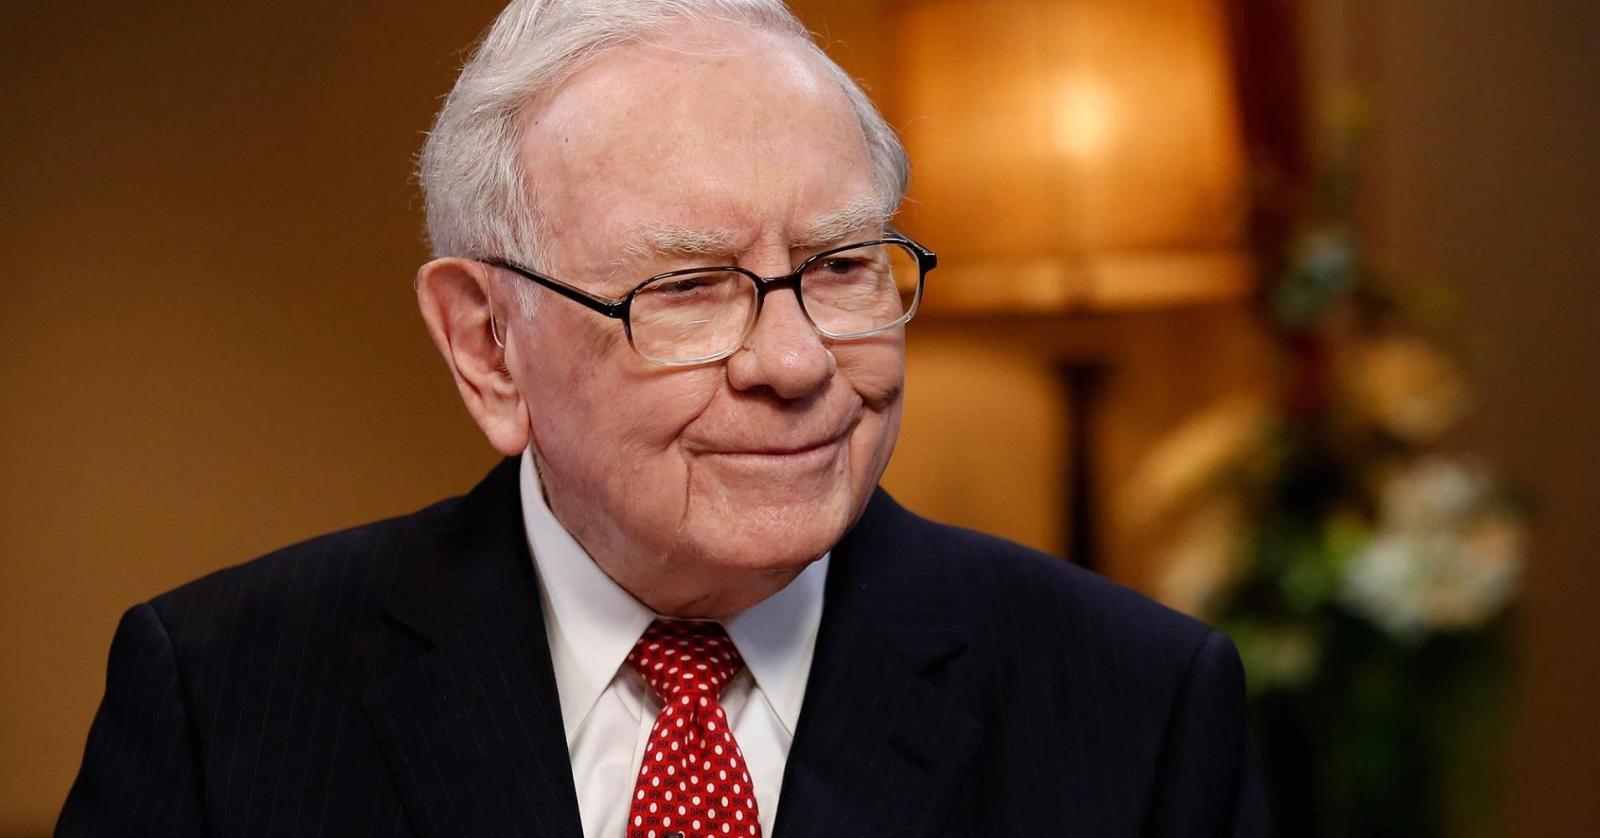 Warren Buffet scatenato contro Bitcoin gioco dazzardo non compratelo dichiara. - Warren Buffet scatenato contro Bitcoin: è un gioco d'azzardo non compratelo, dichiara.